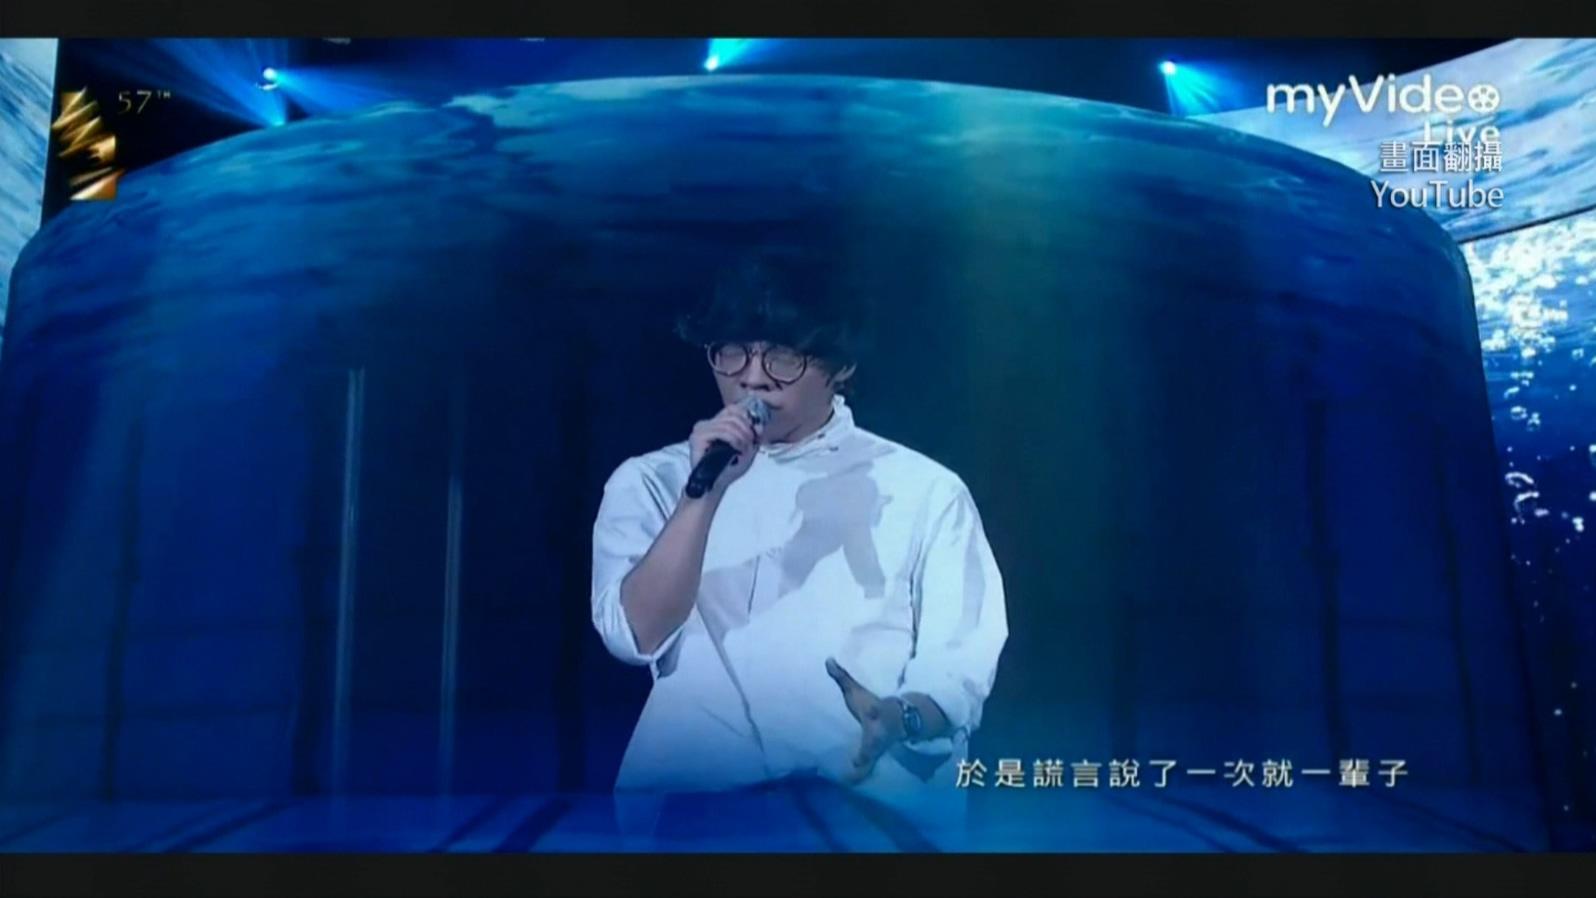 隔空領獎 !盧廣仲獲金馬原創電影歌曲 完成「三金大滿貫」